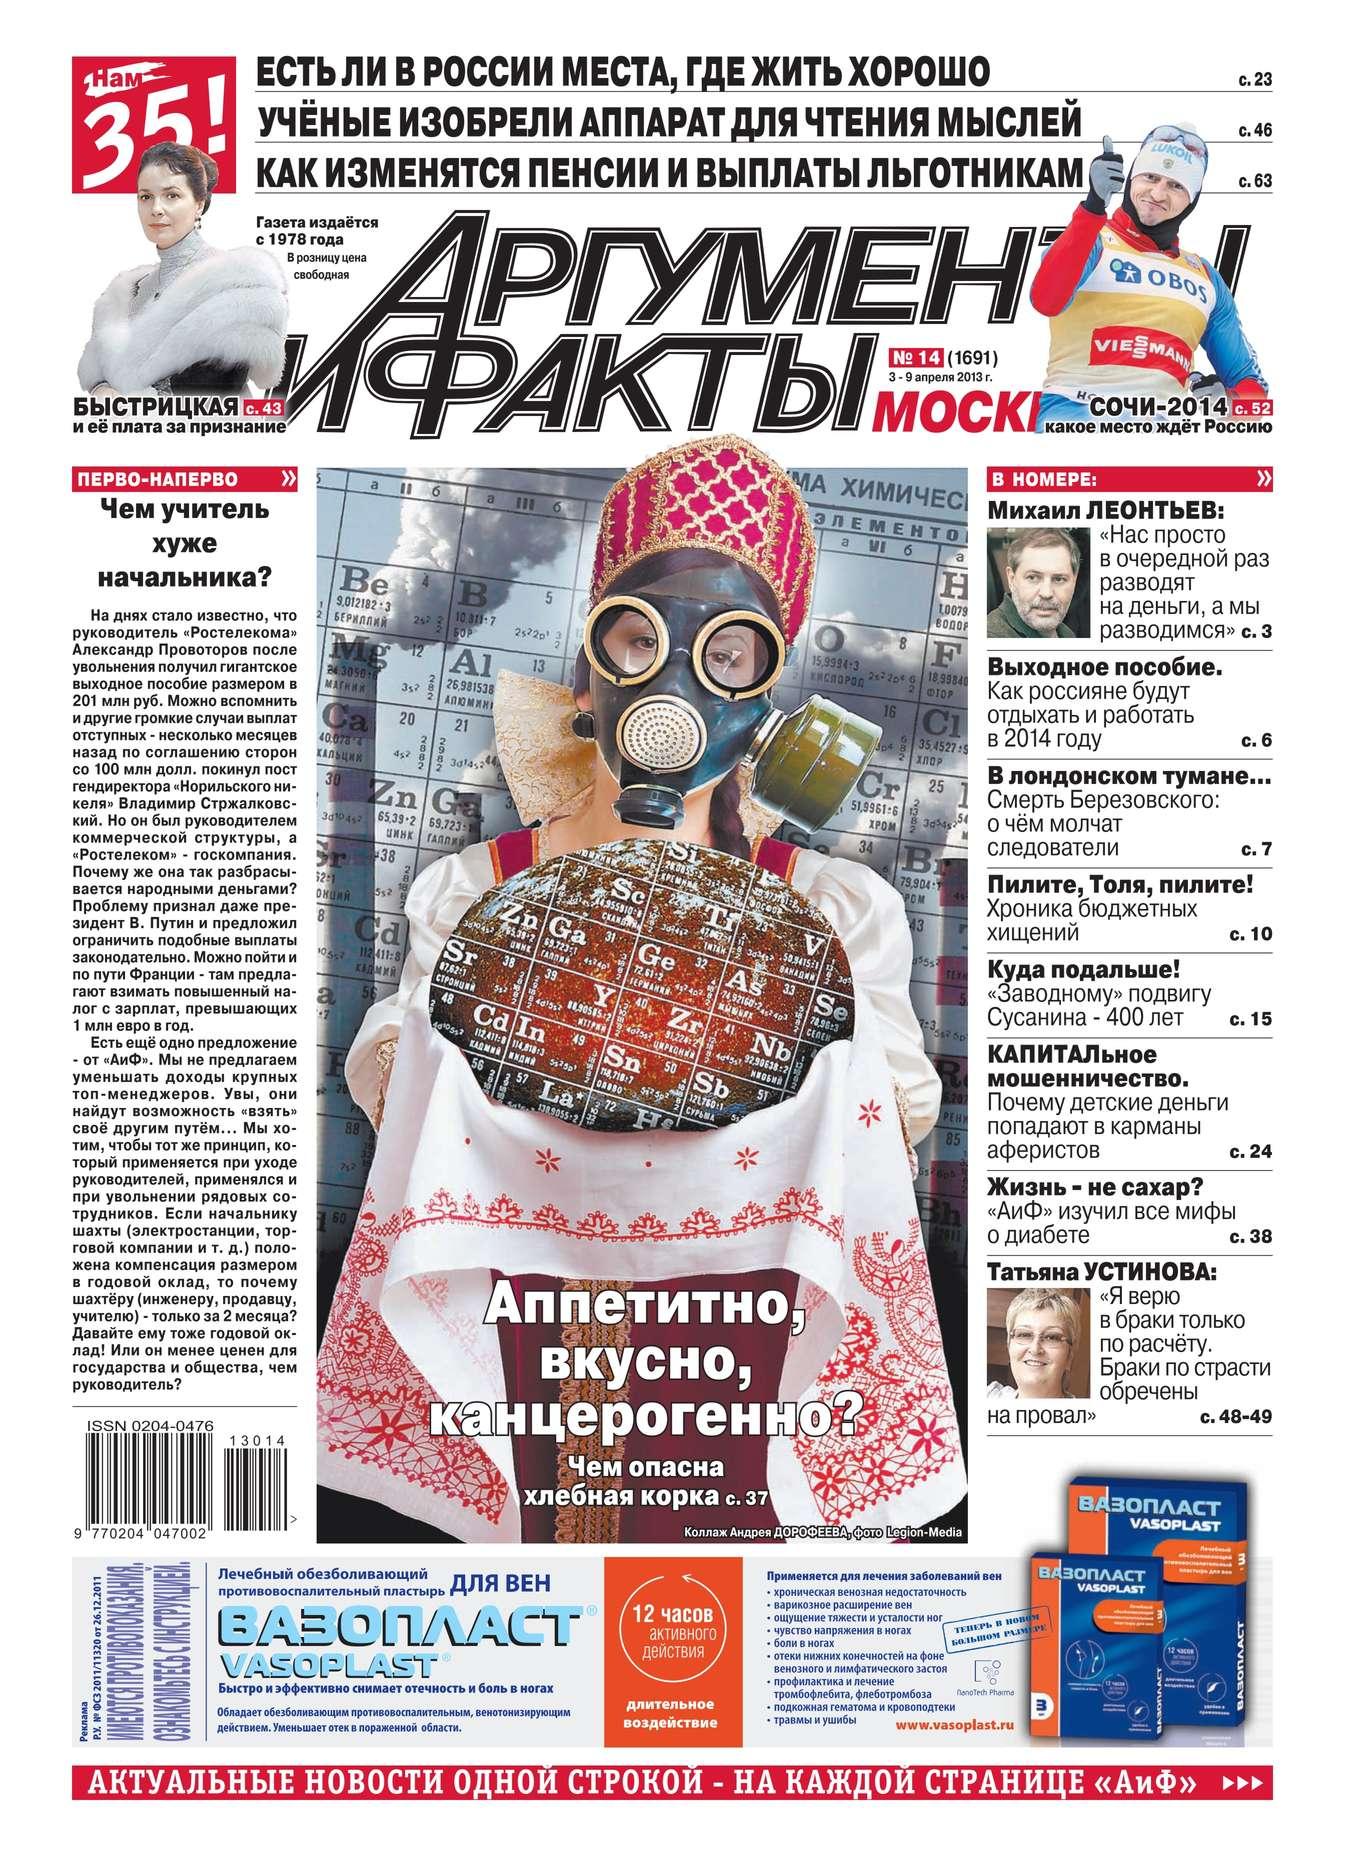 Редакция журнала Аиф. Про Кухню Аргументы и факты 14-2013